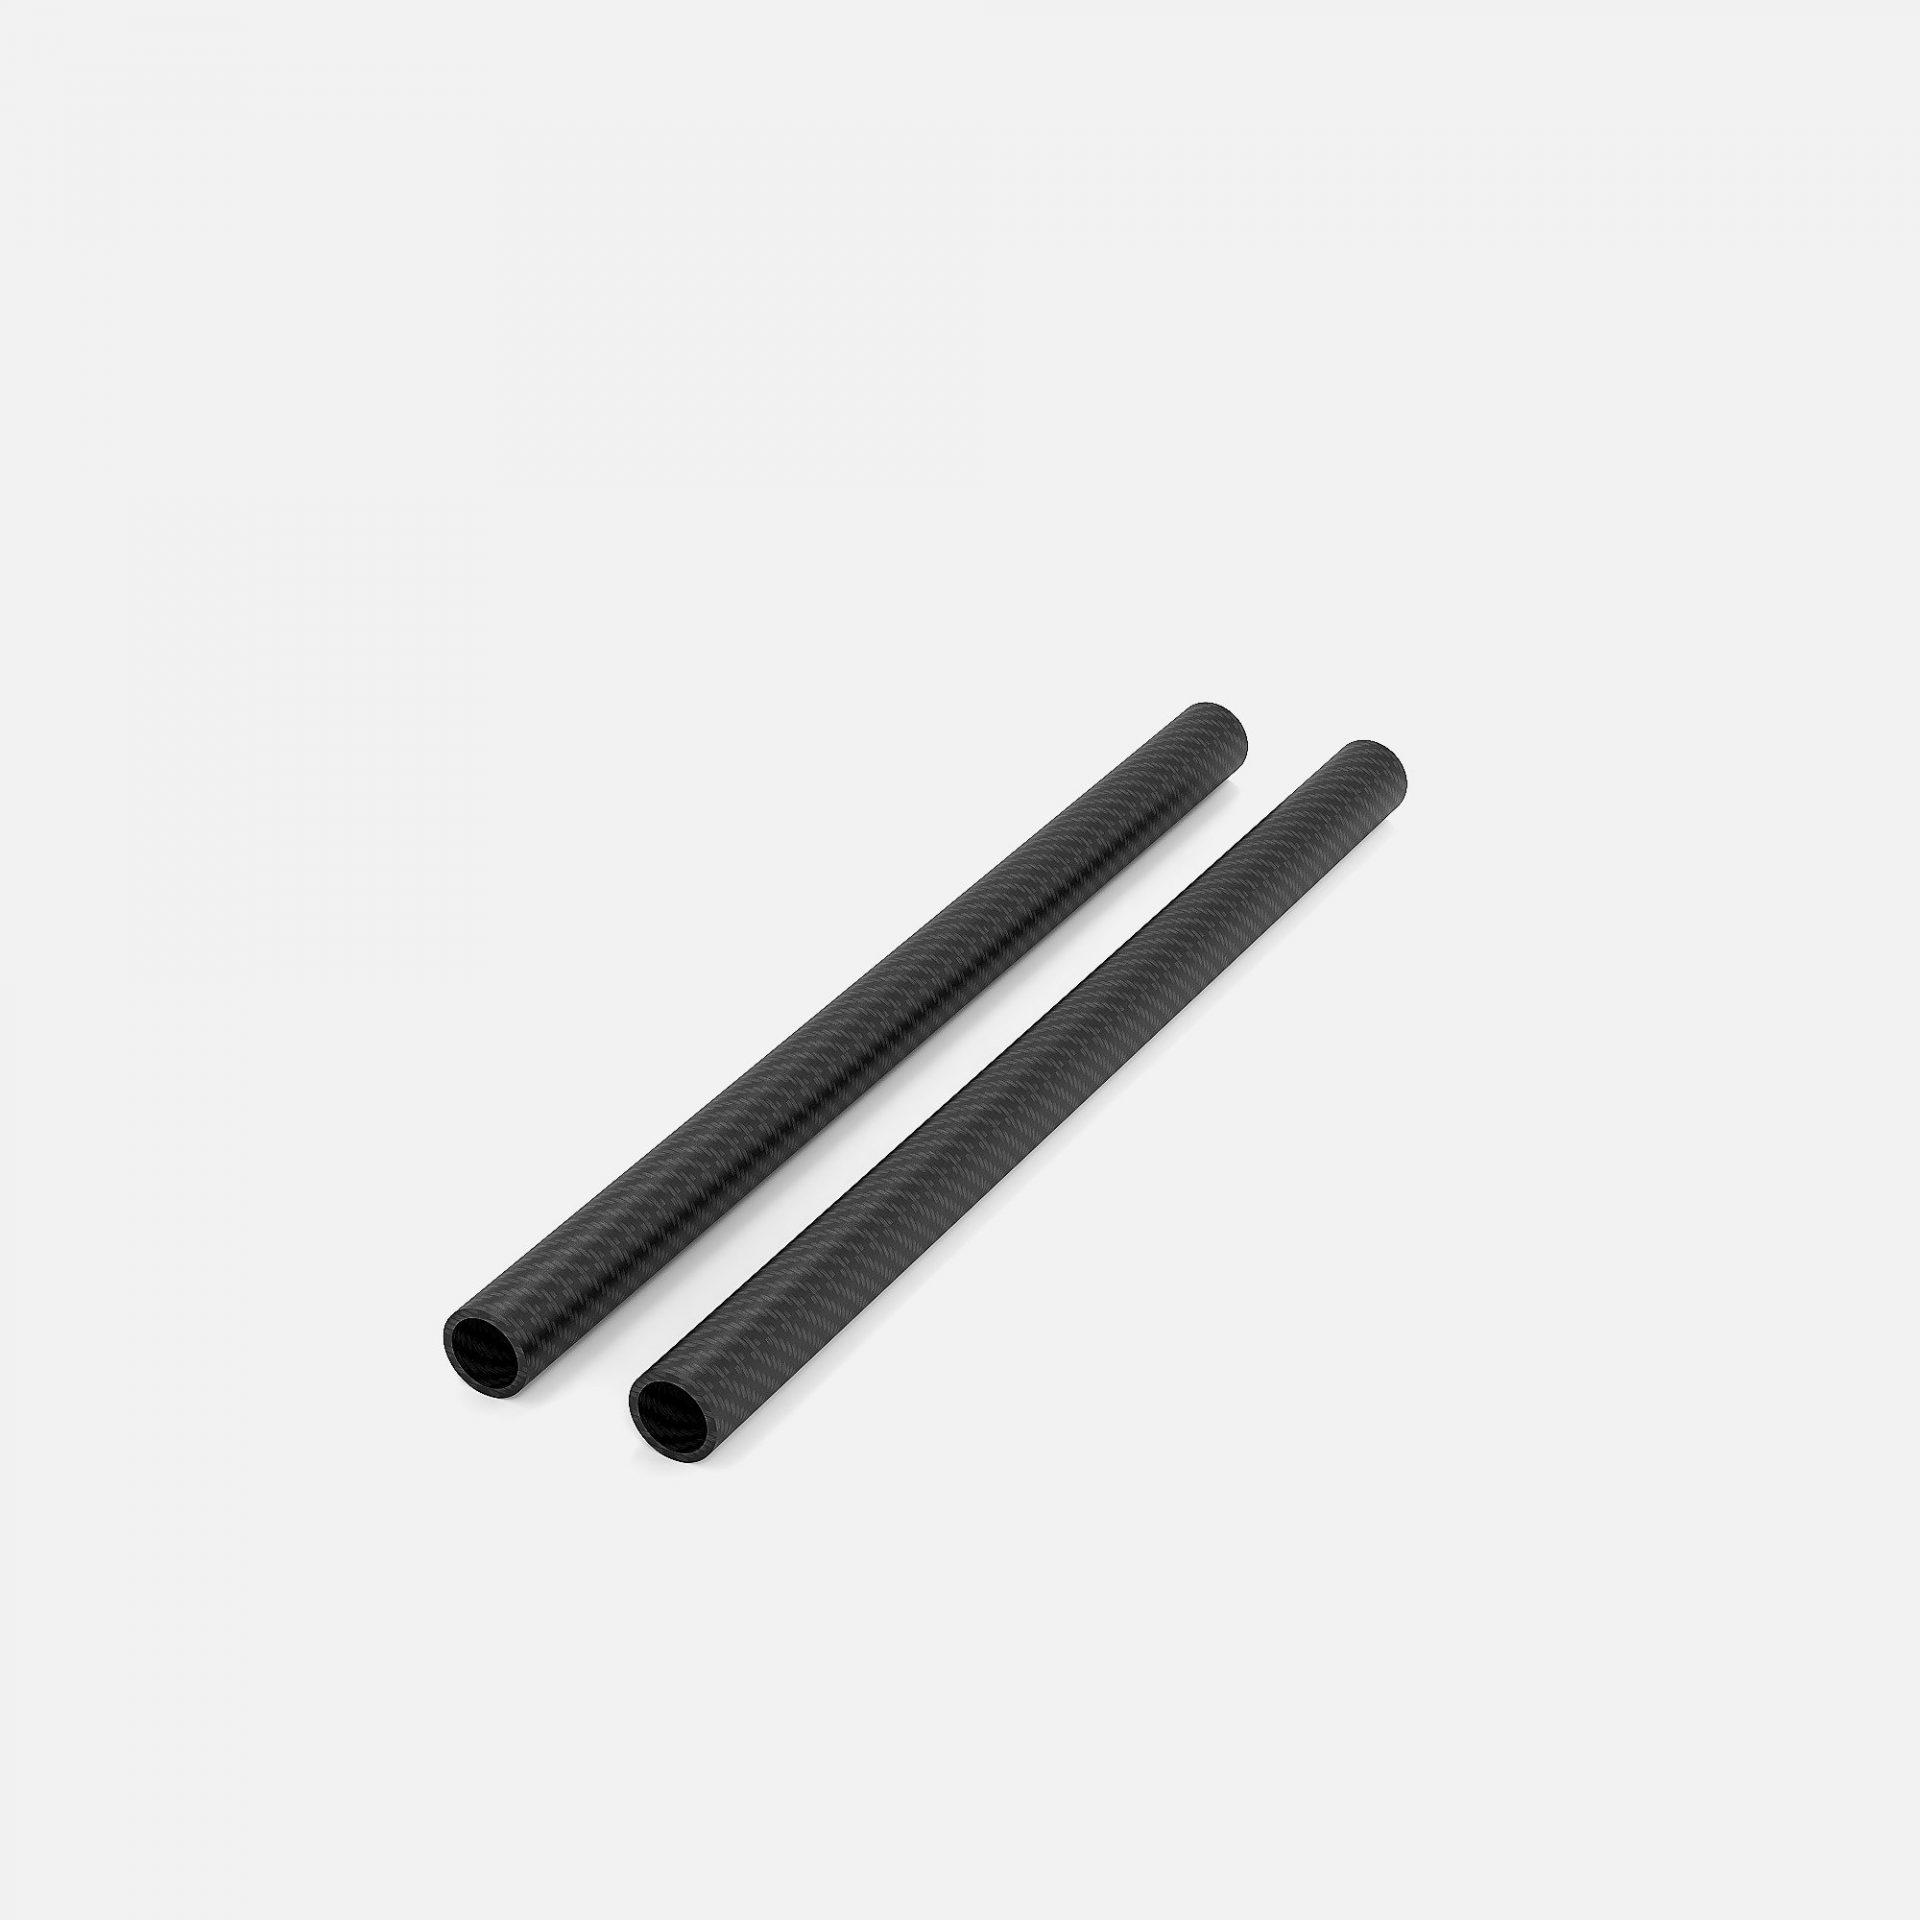 19mm x 300mm Carbon Lens Rod